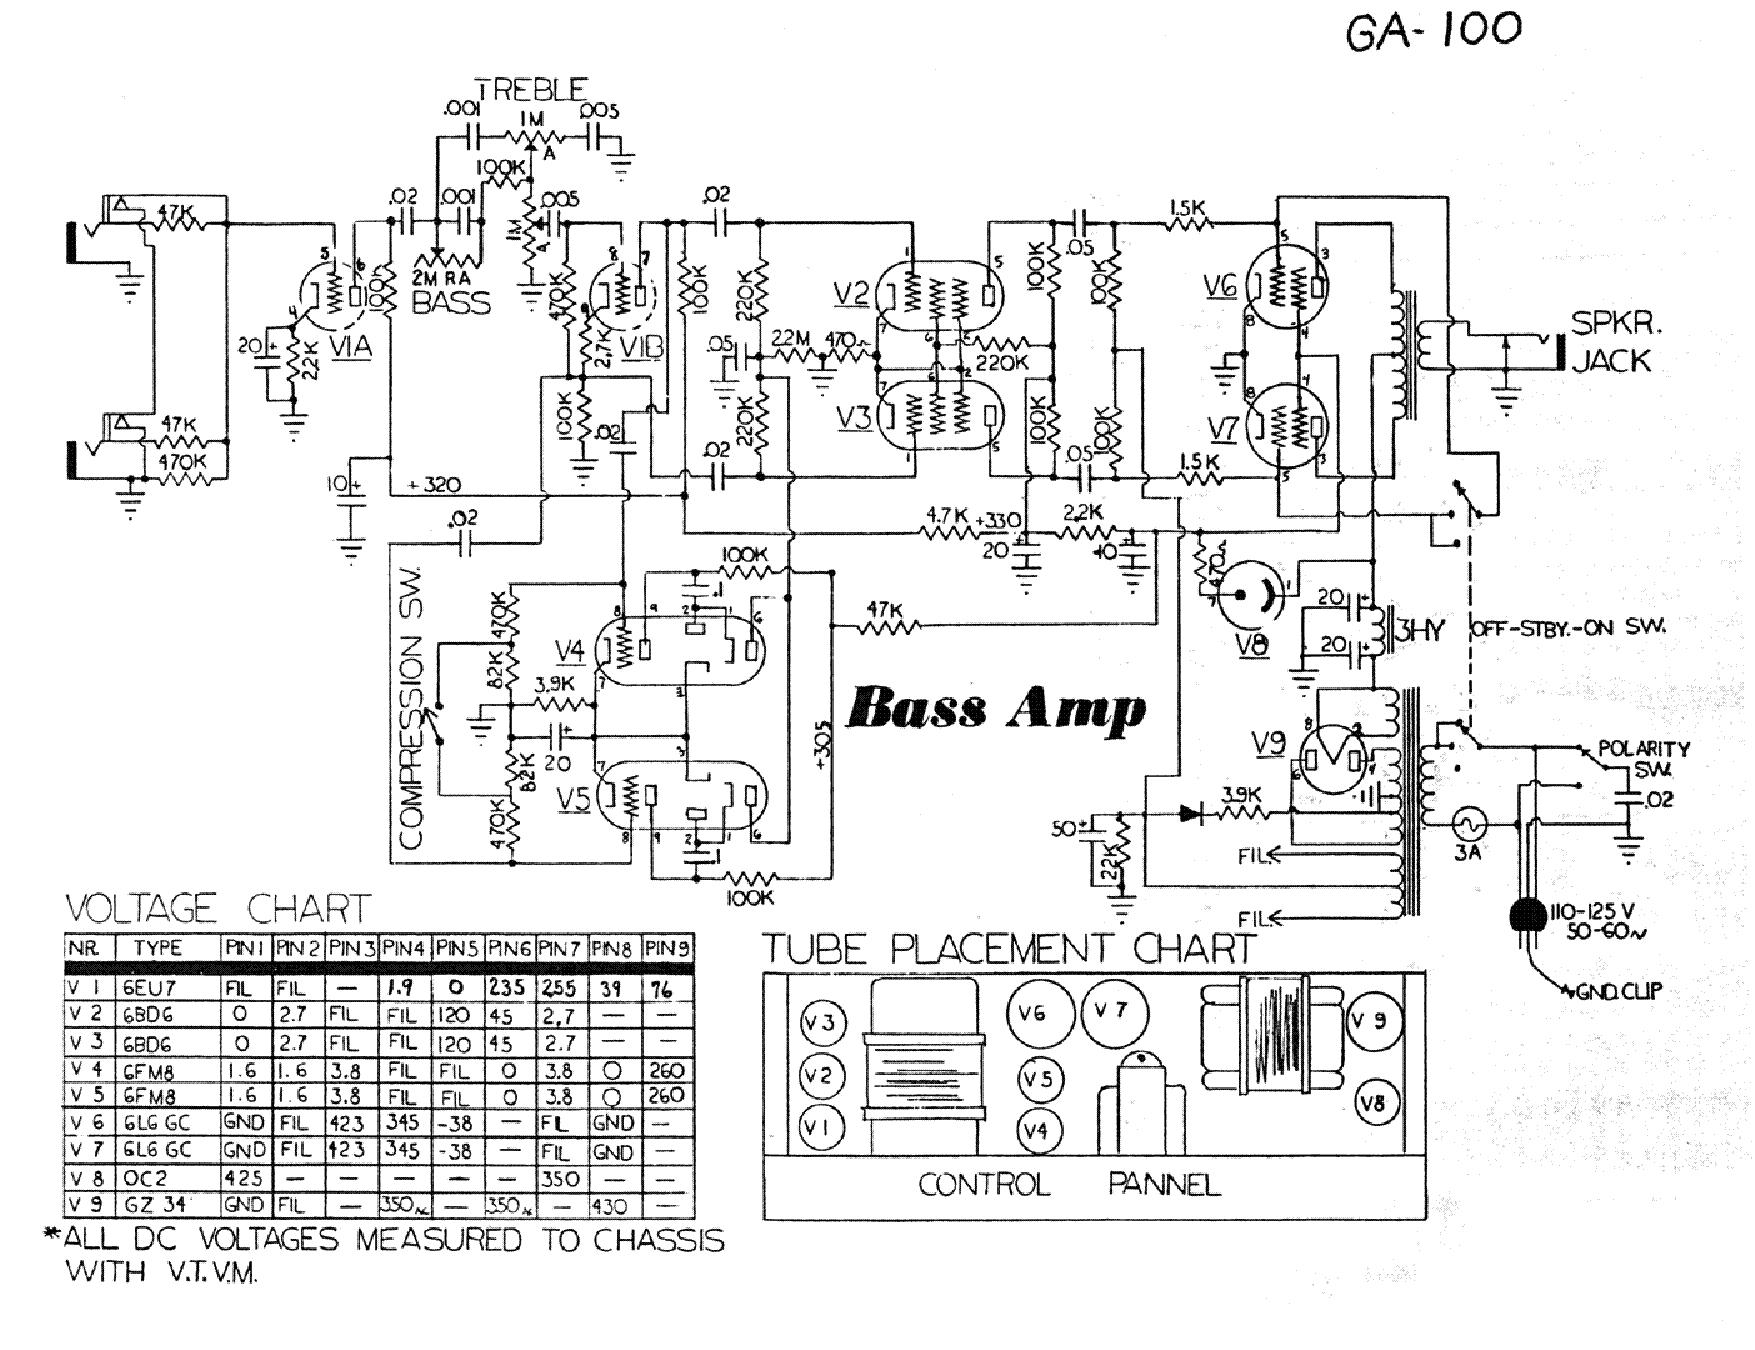 Ga100 Cvr Manual 1995 Chevy Camaro Wiring Diagram Further Biofeedback Monitor Circuit Array Rh Spirulinas De